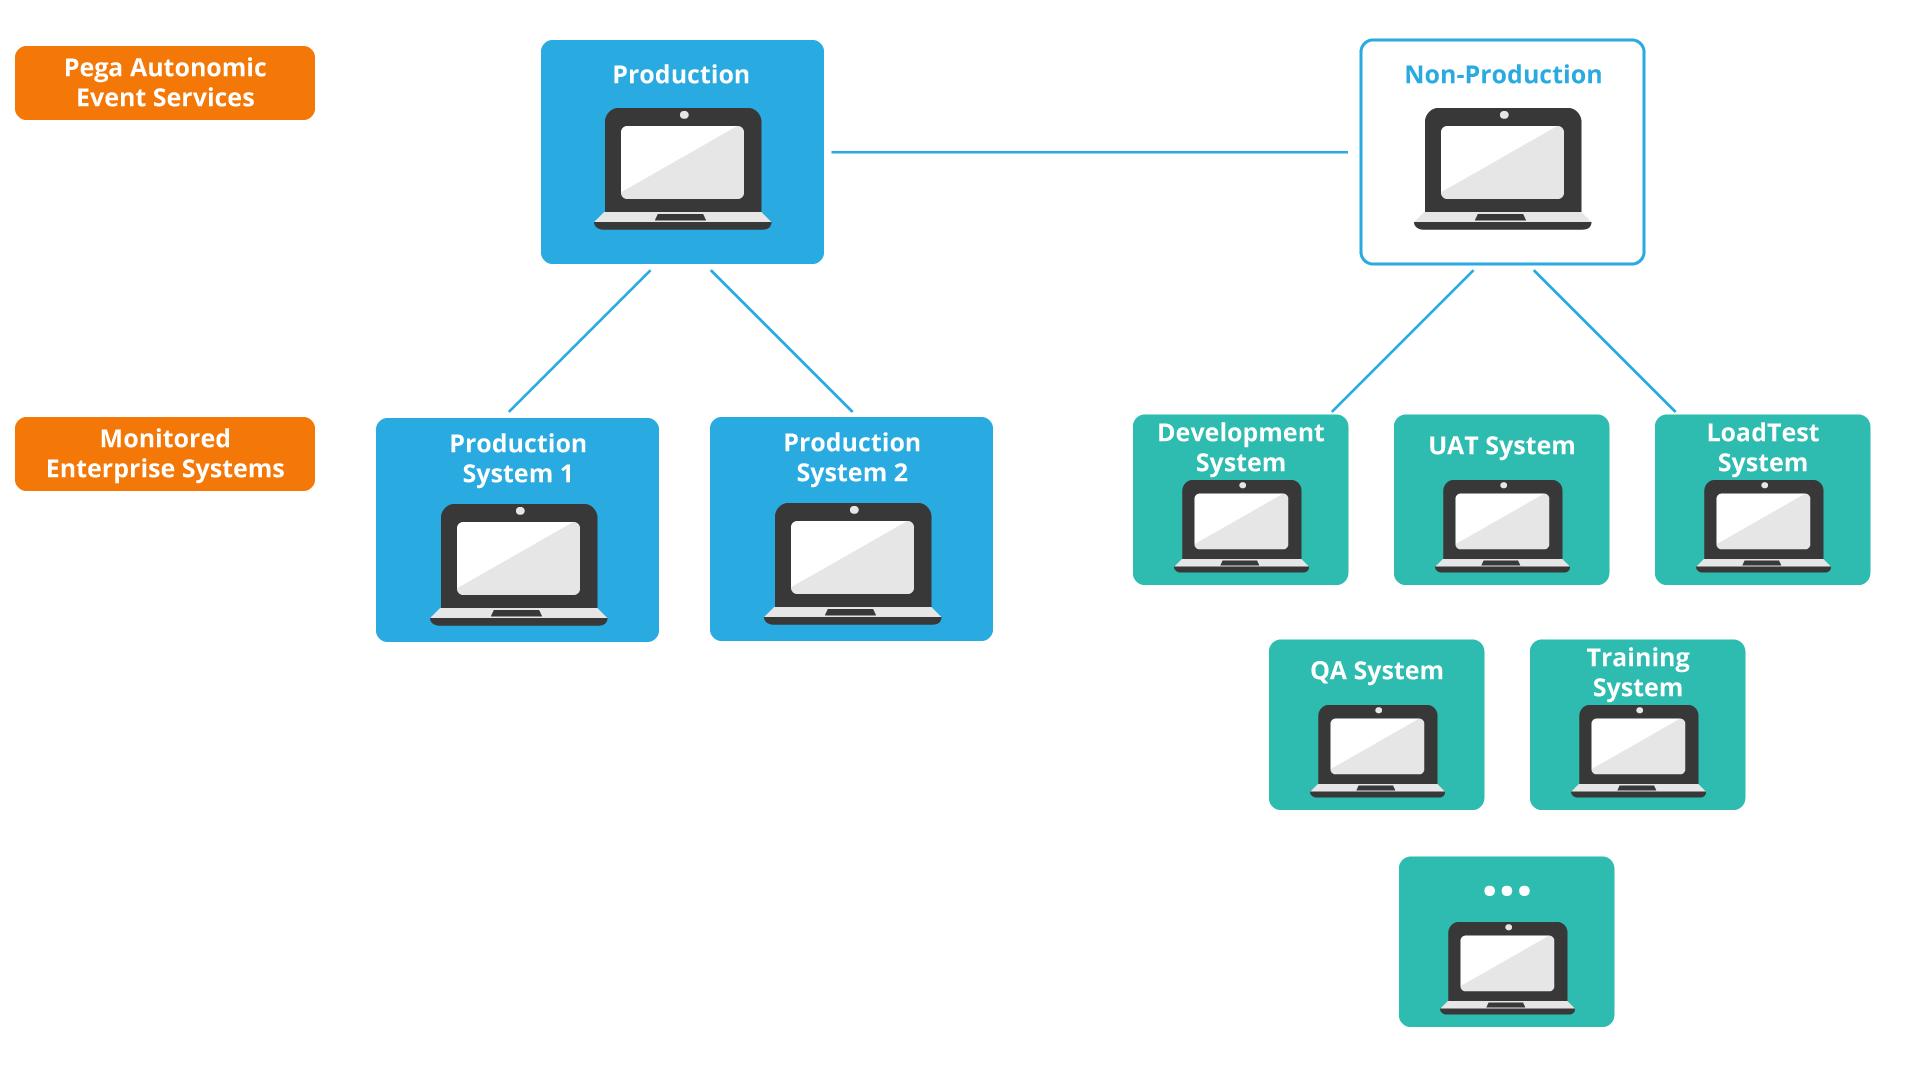 Pega Autonomic Event Services deployment best practices